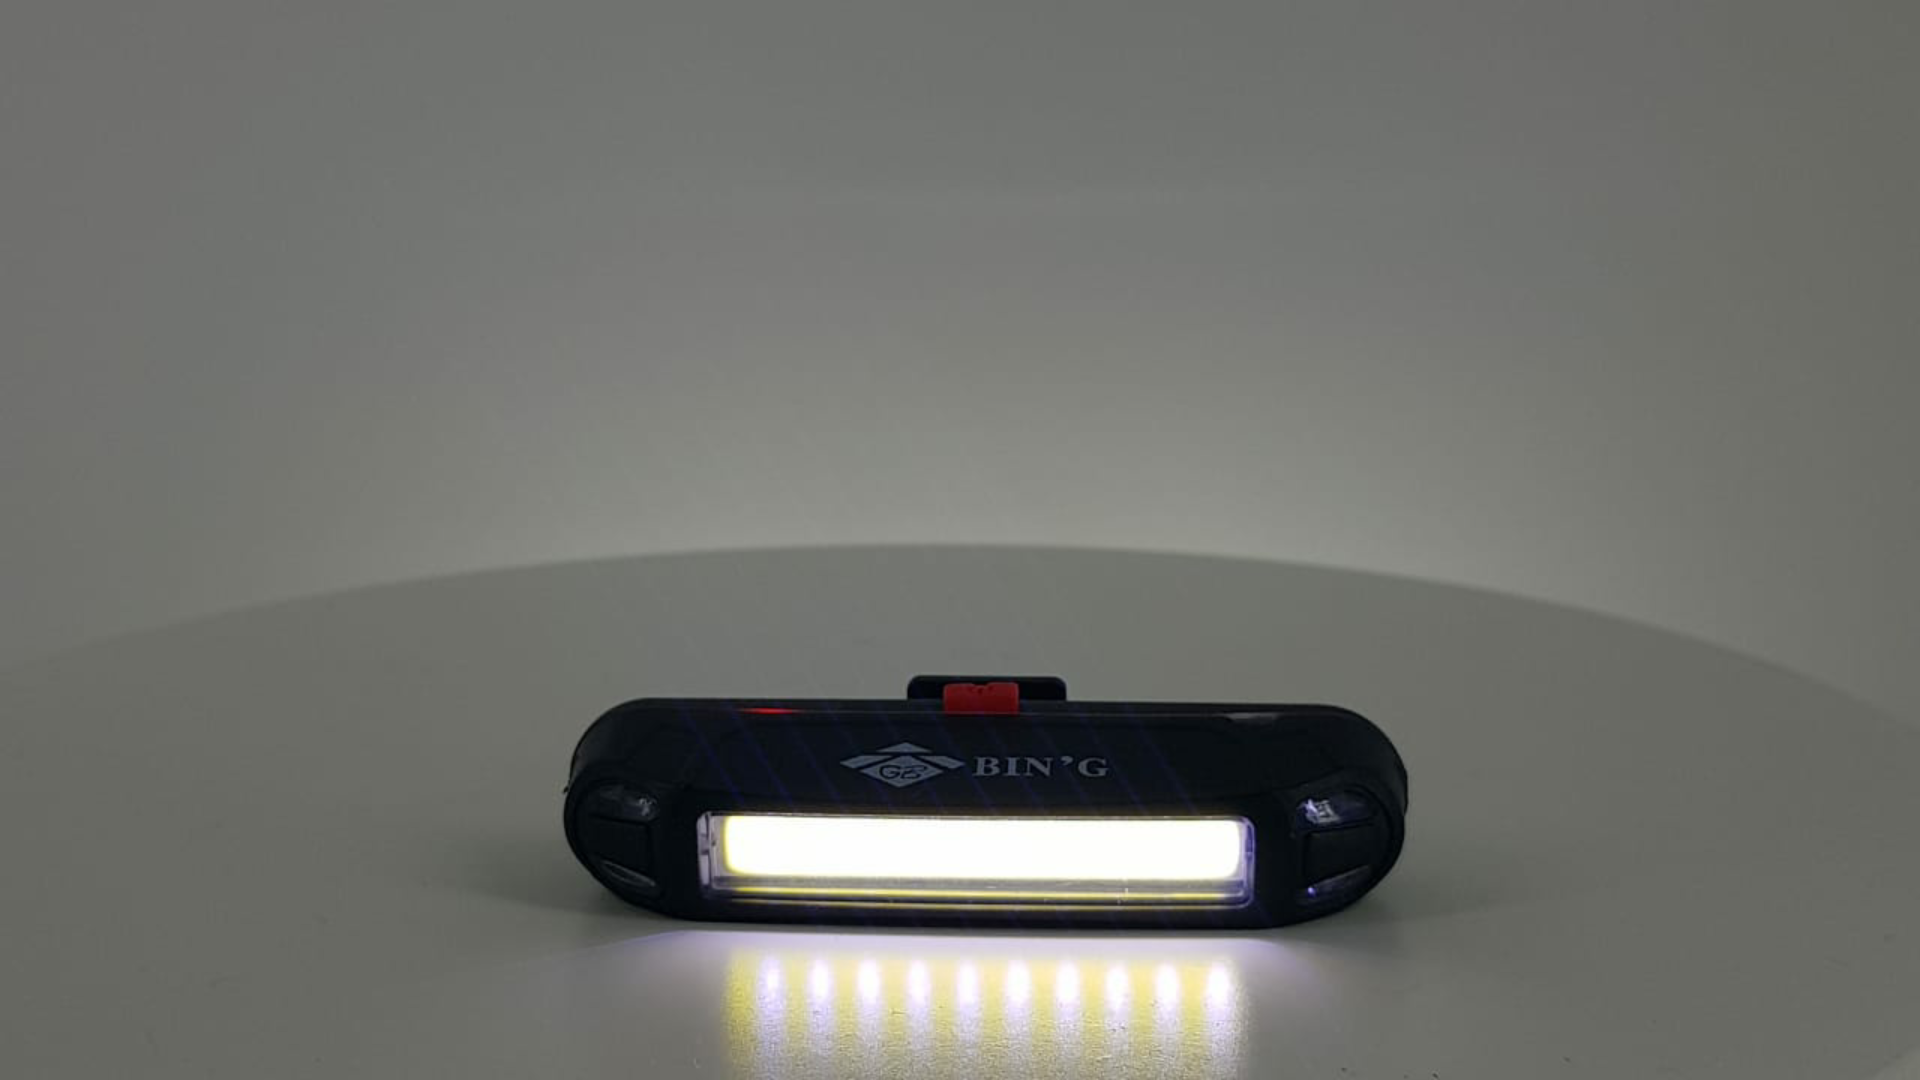 Lanterna sinalizador traseiro Luz Branca E Vermelha 100 Lumens Bike